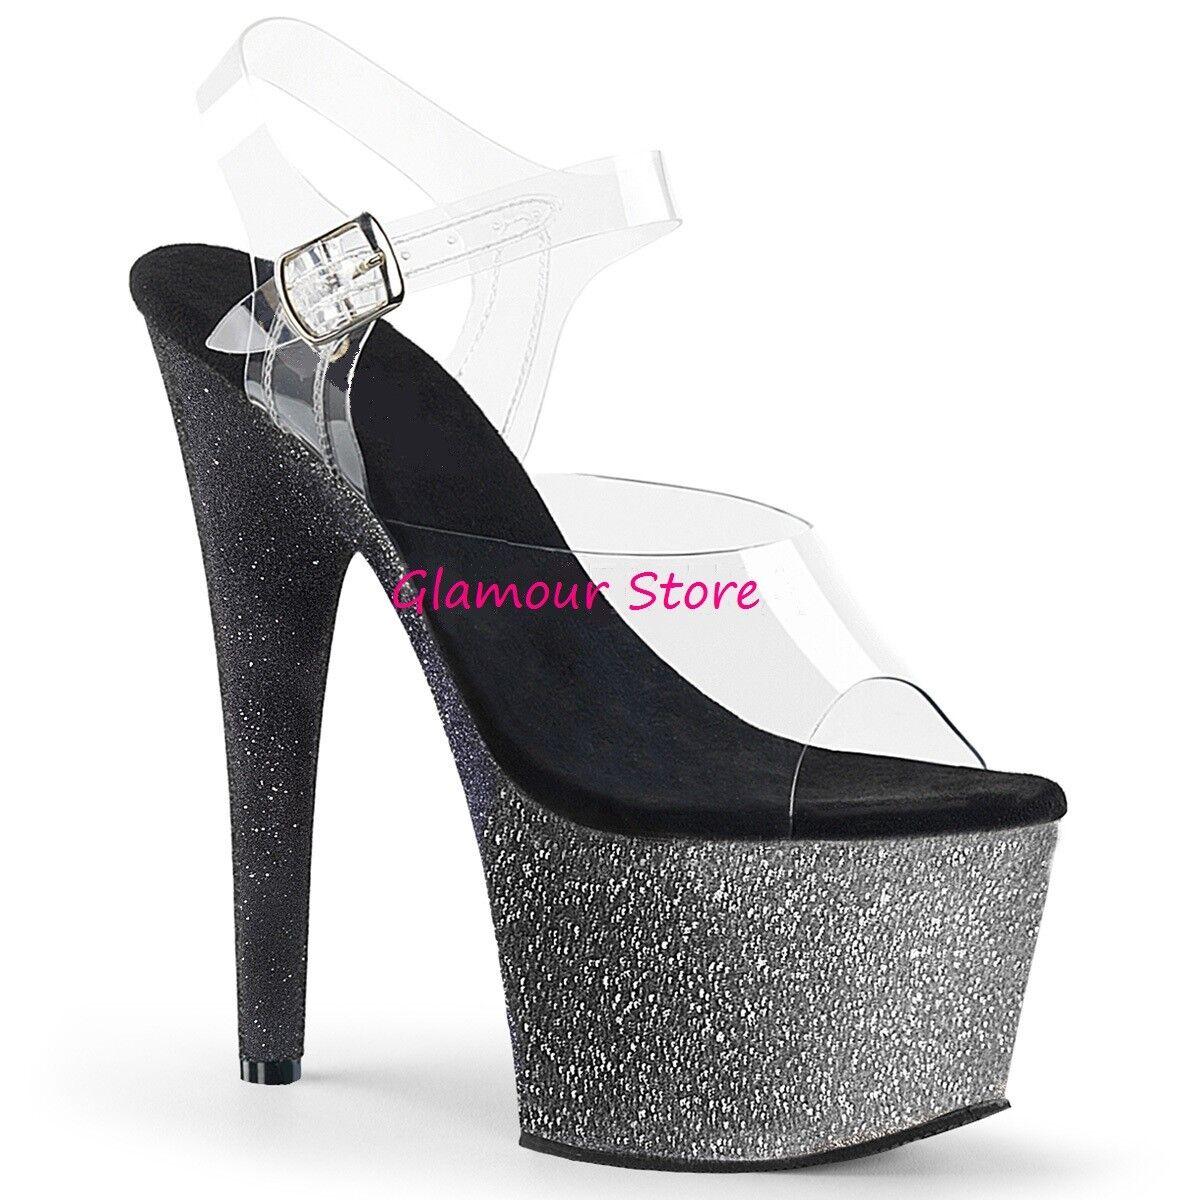 Sexy SANDALI GLITTER tacco 18 dal 35 35 35 al 42 OMBRE' plateau 4 ColorI zapatos club  a precios asequibles